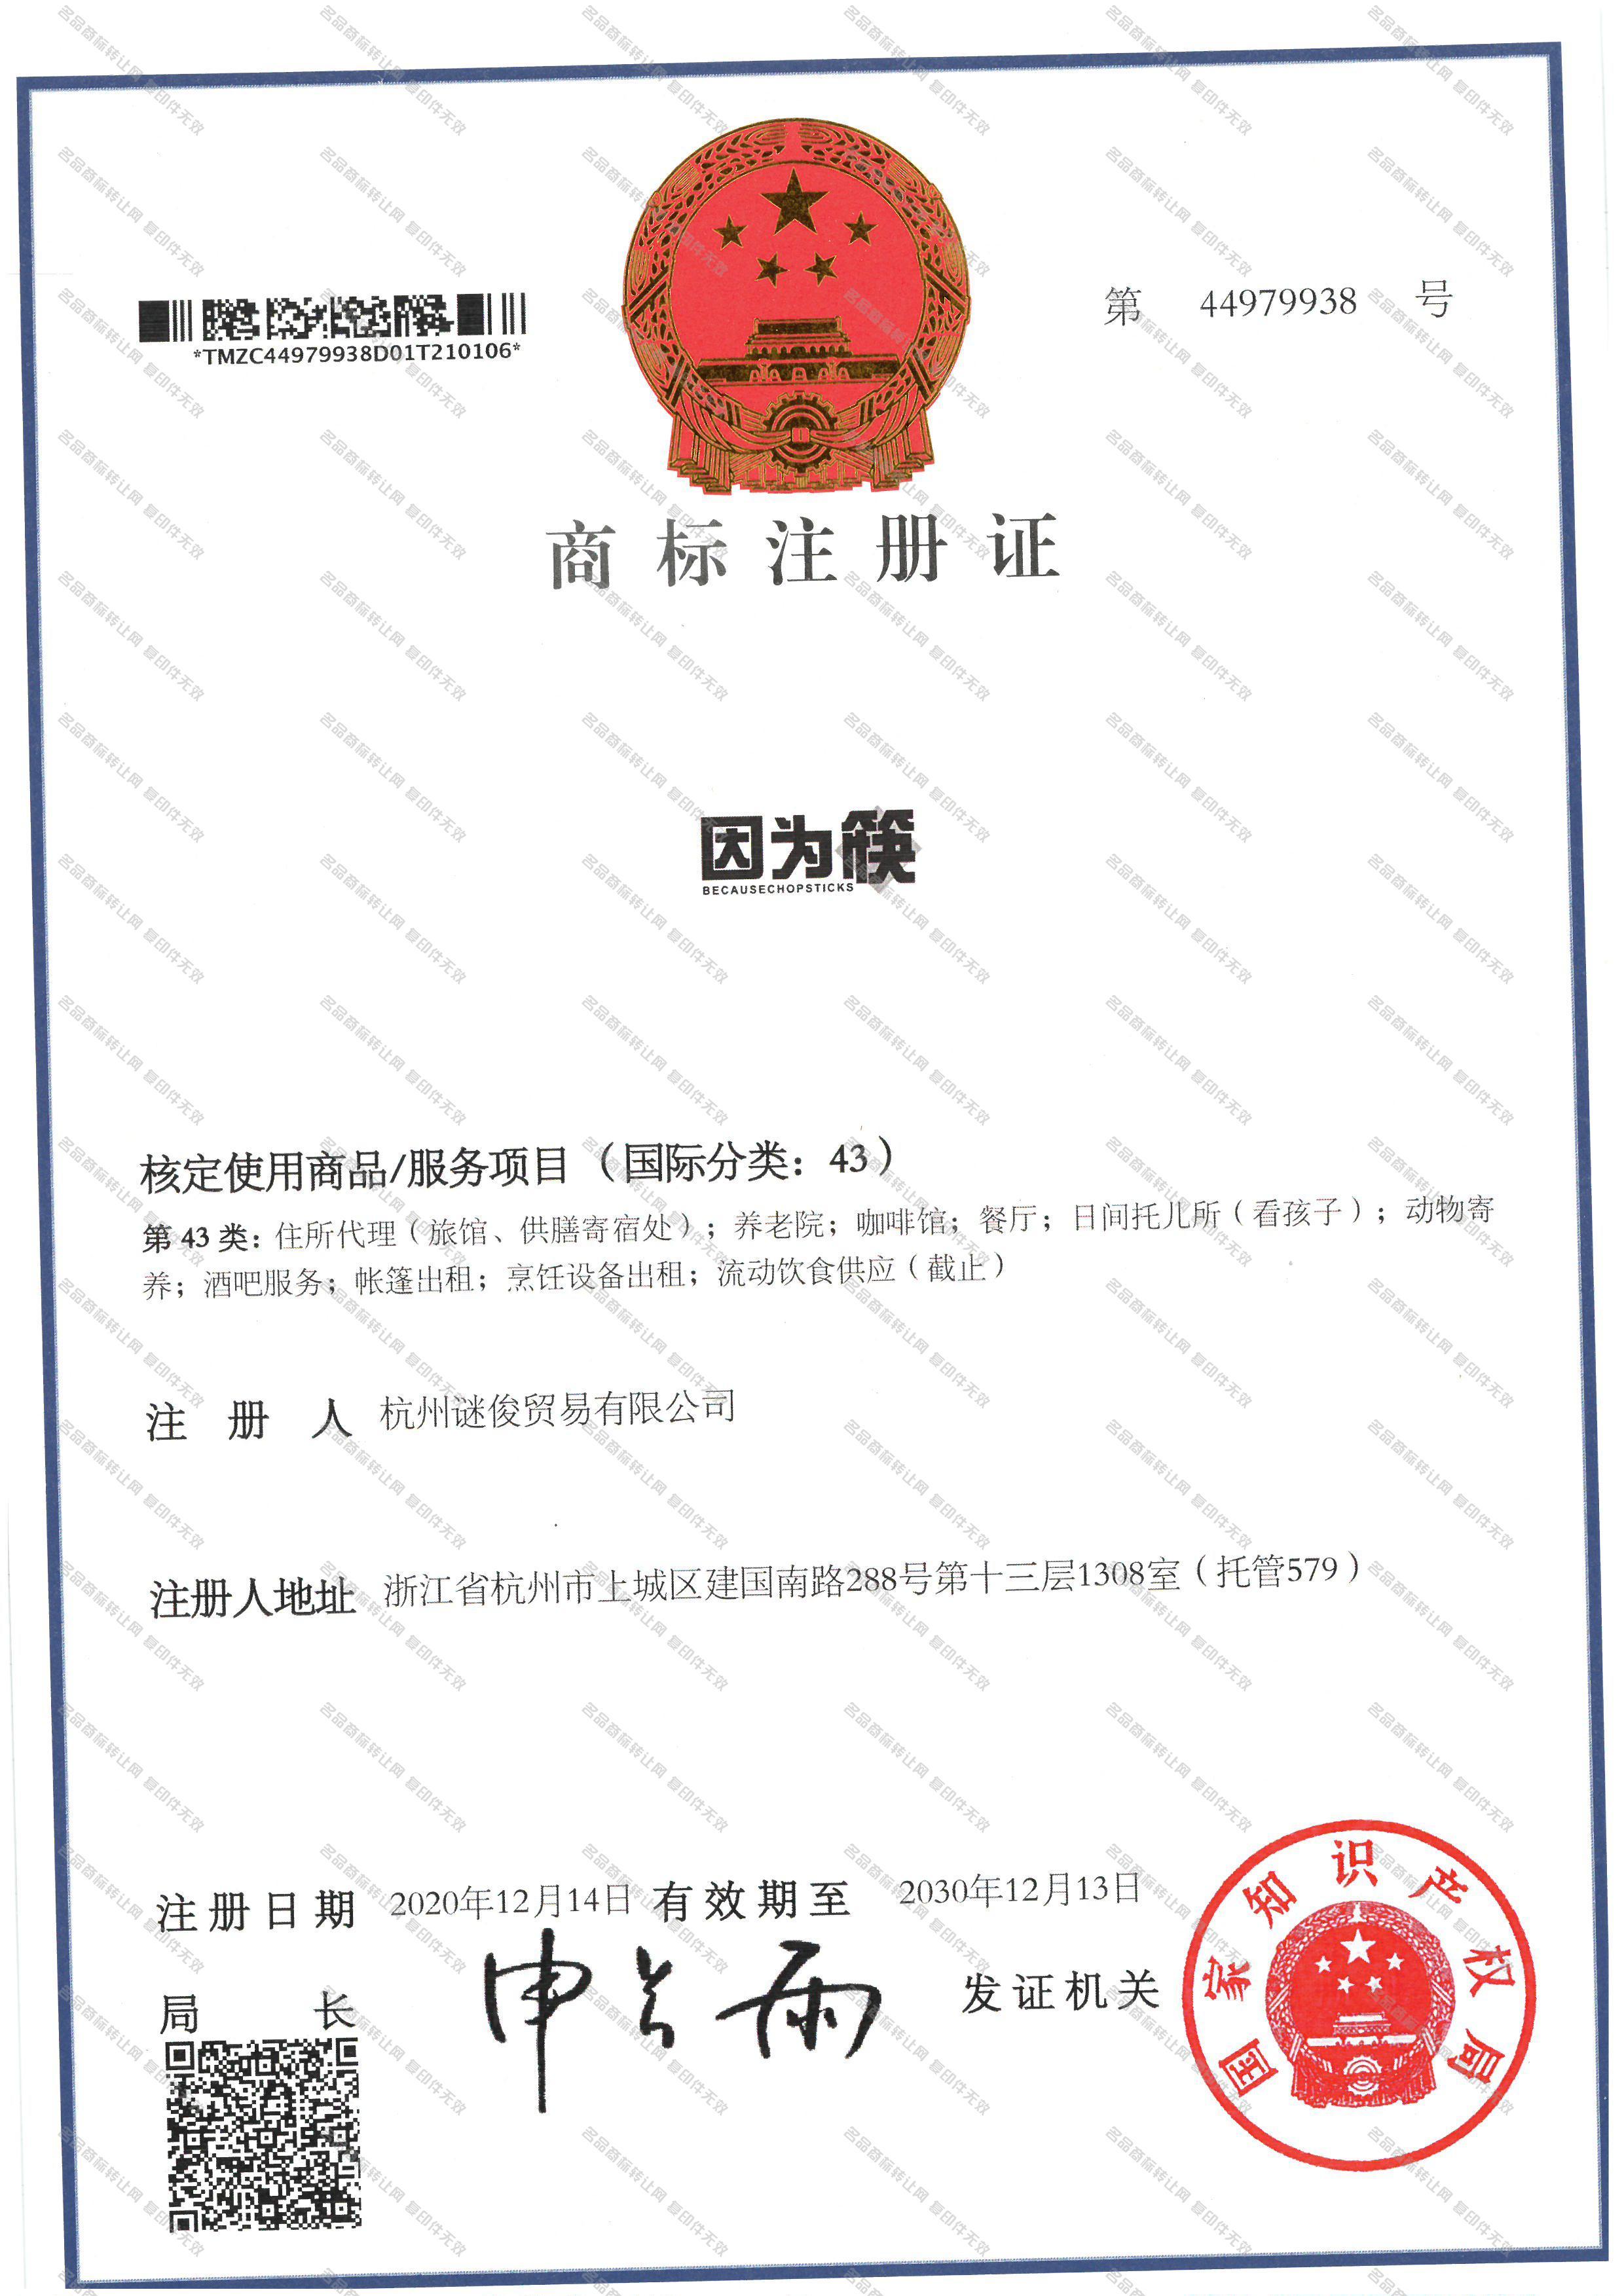 因为筷 BECAUSECHOPSTICKS注册证